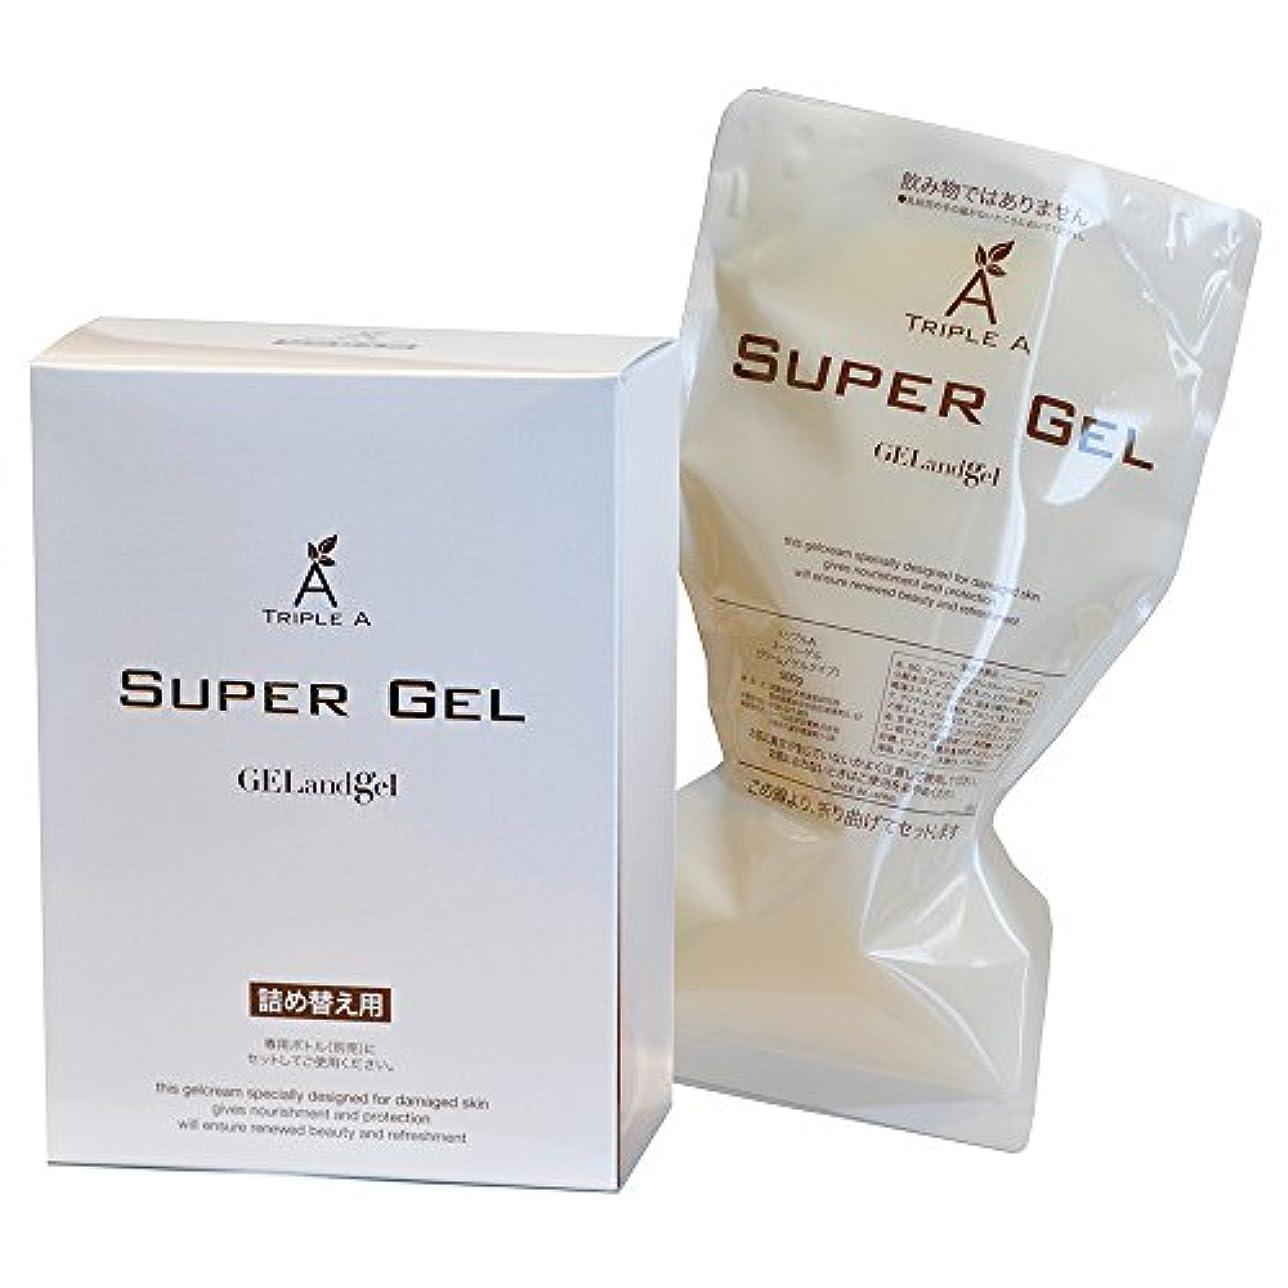 ボリュームゴミ箱を空にするアルコールゲルアンドゲル スーパーゲル500